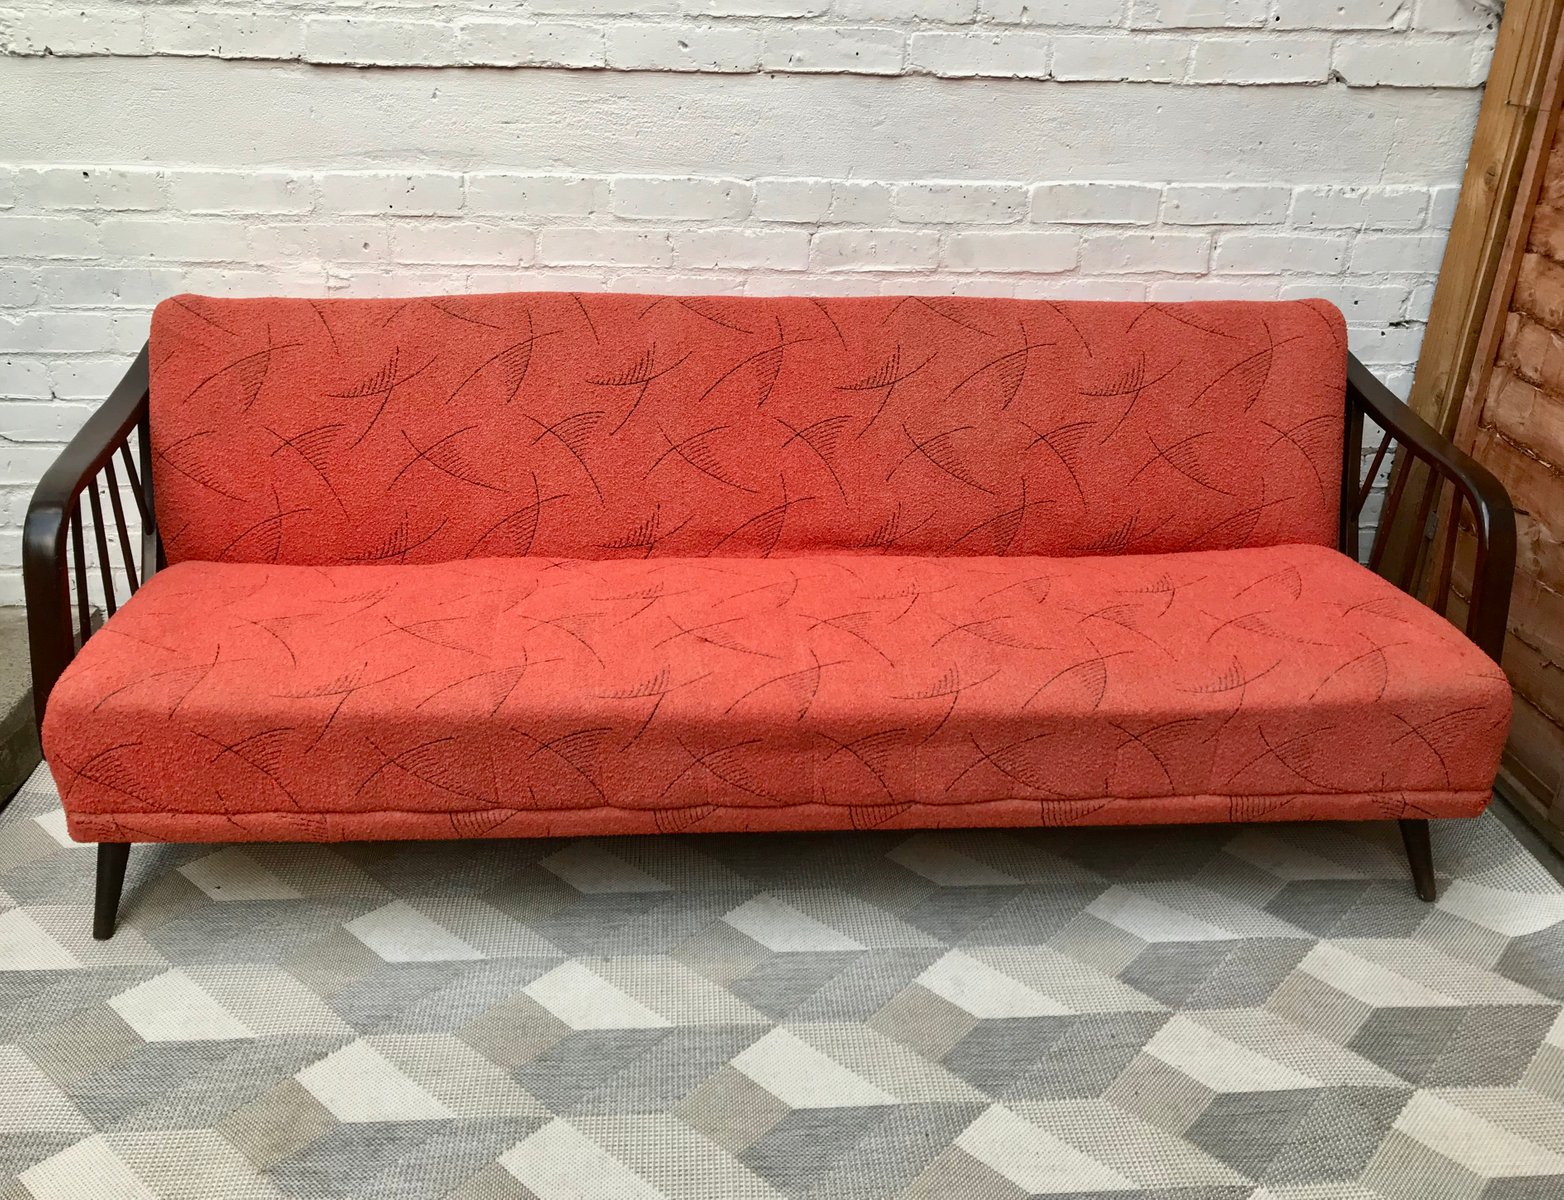 Divano letto vintage rosso germania 1958 in vendita su - Divano letto vintage ...